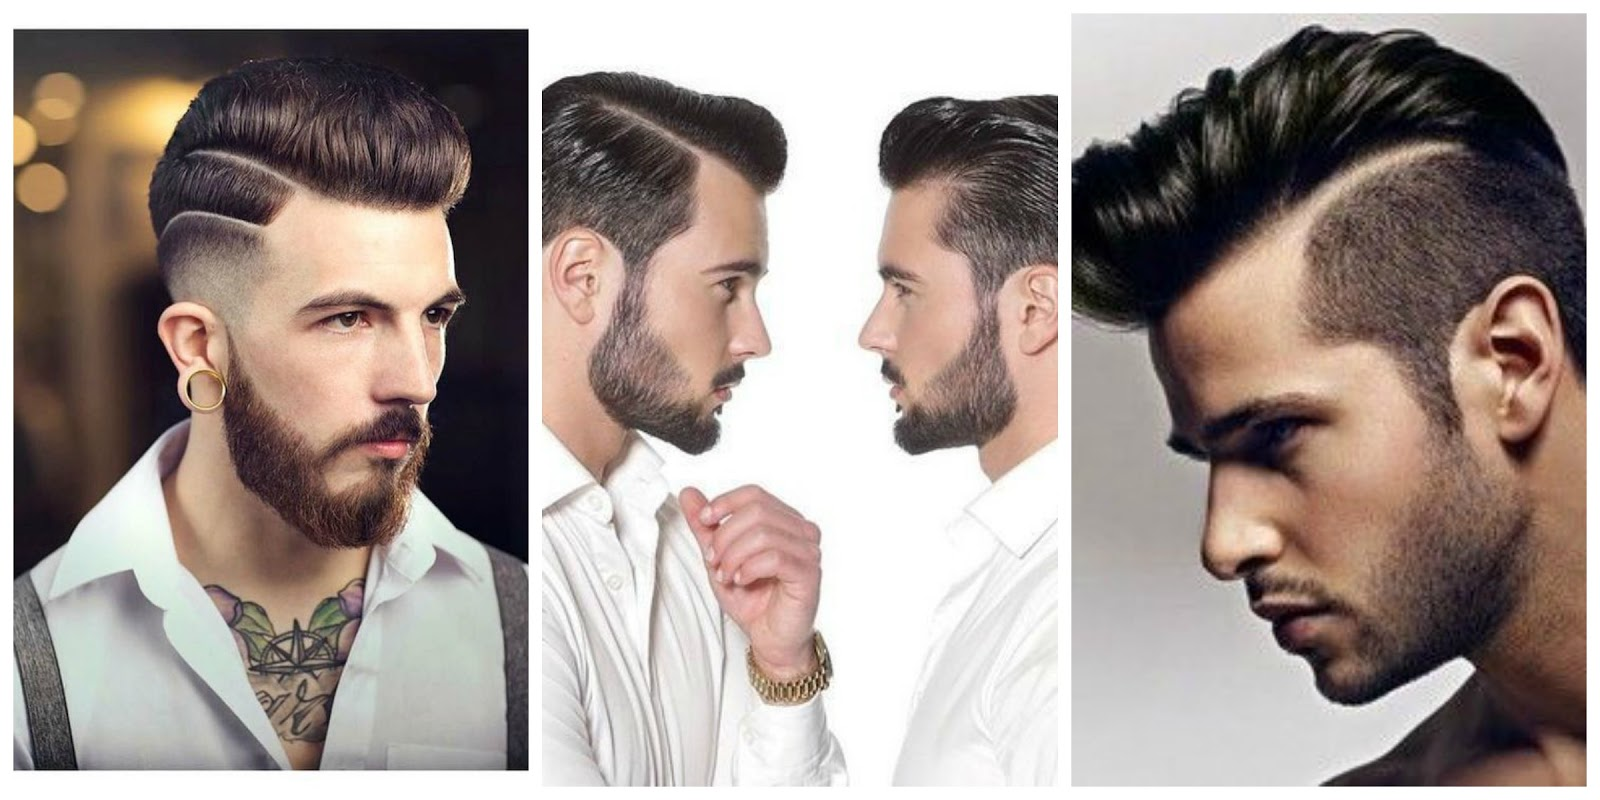 Lo mejor en Cortes y Peinados para Hombres 2016 Artes DaVinci